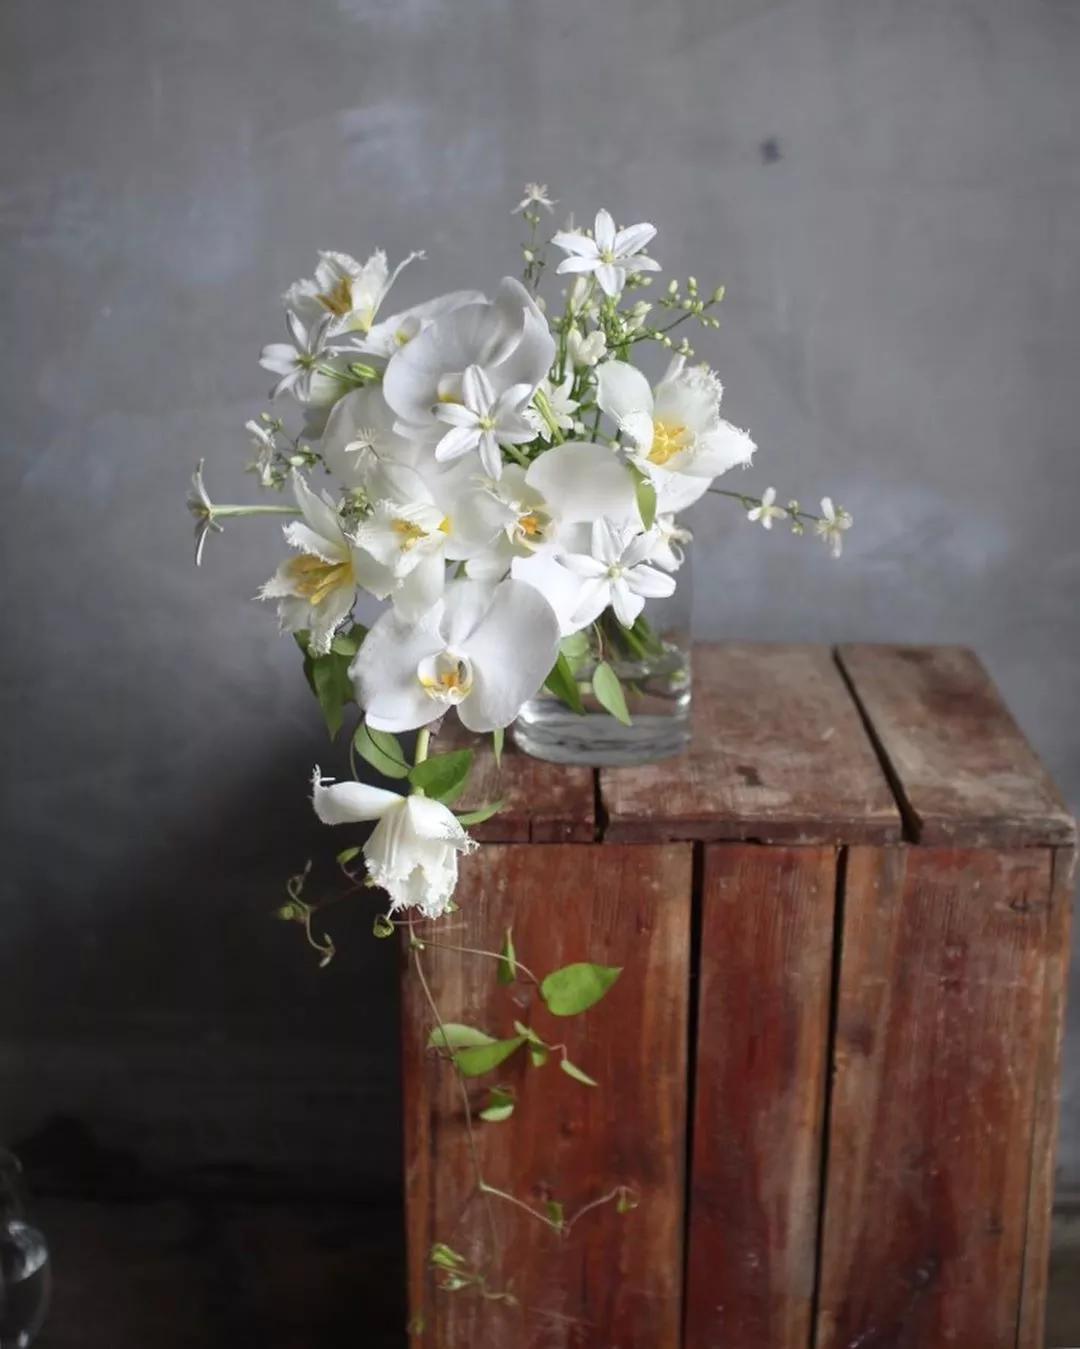 注意事项   远离催热剂—乙烯,远离蔬菜和水果,因为它们会释放大量乙烯,导致鲜花衰败.